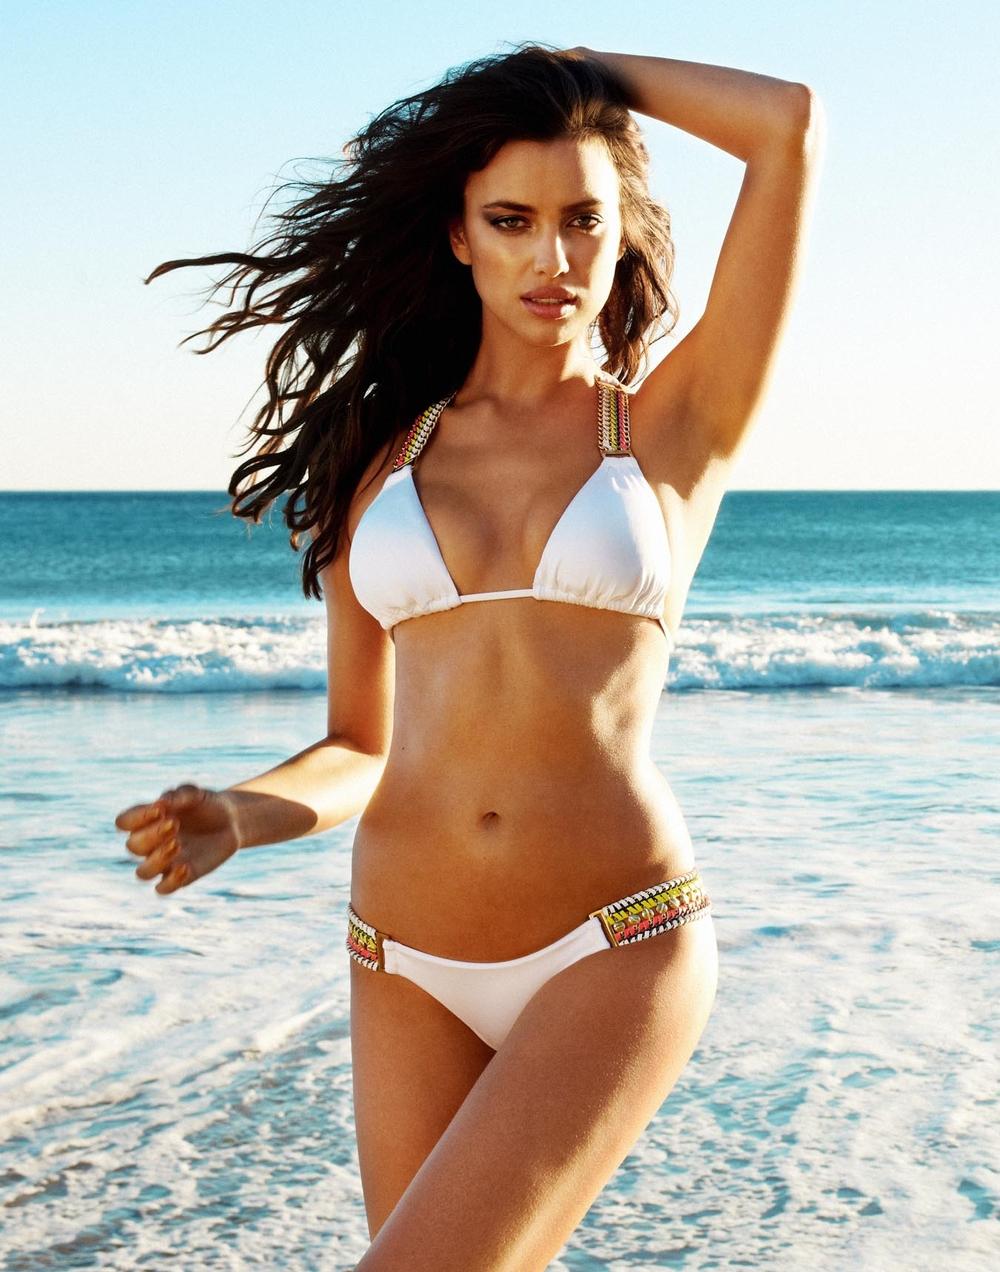 Фото женщин на пляже в бикини и без 1 фотография